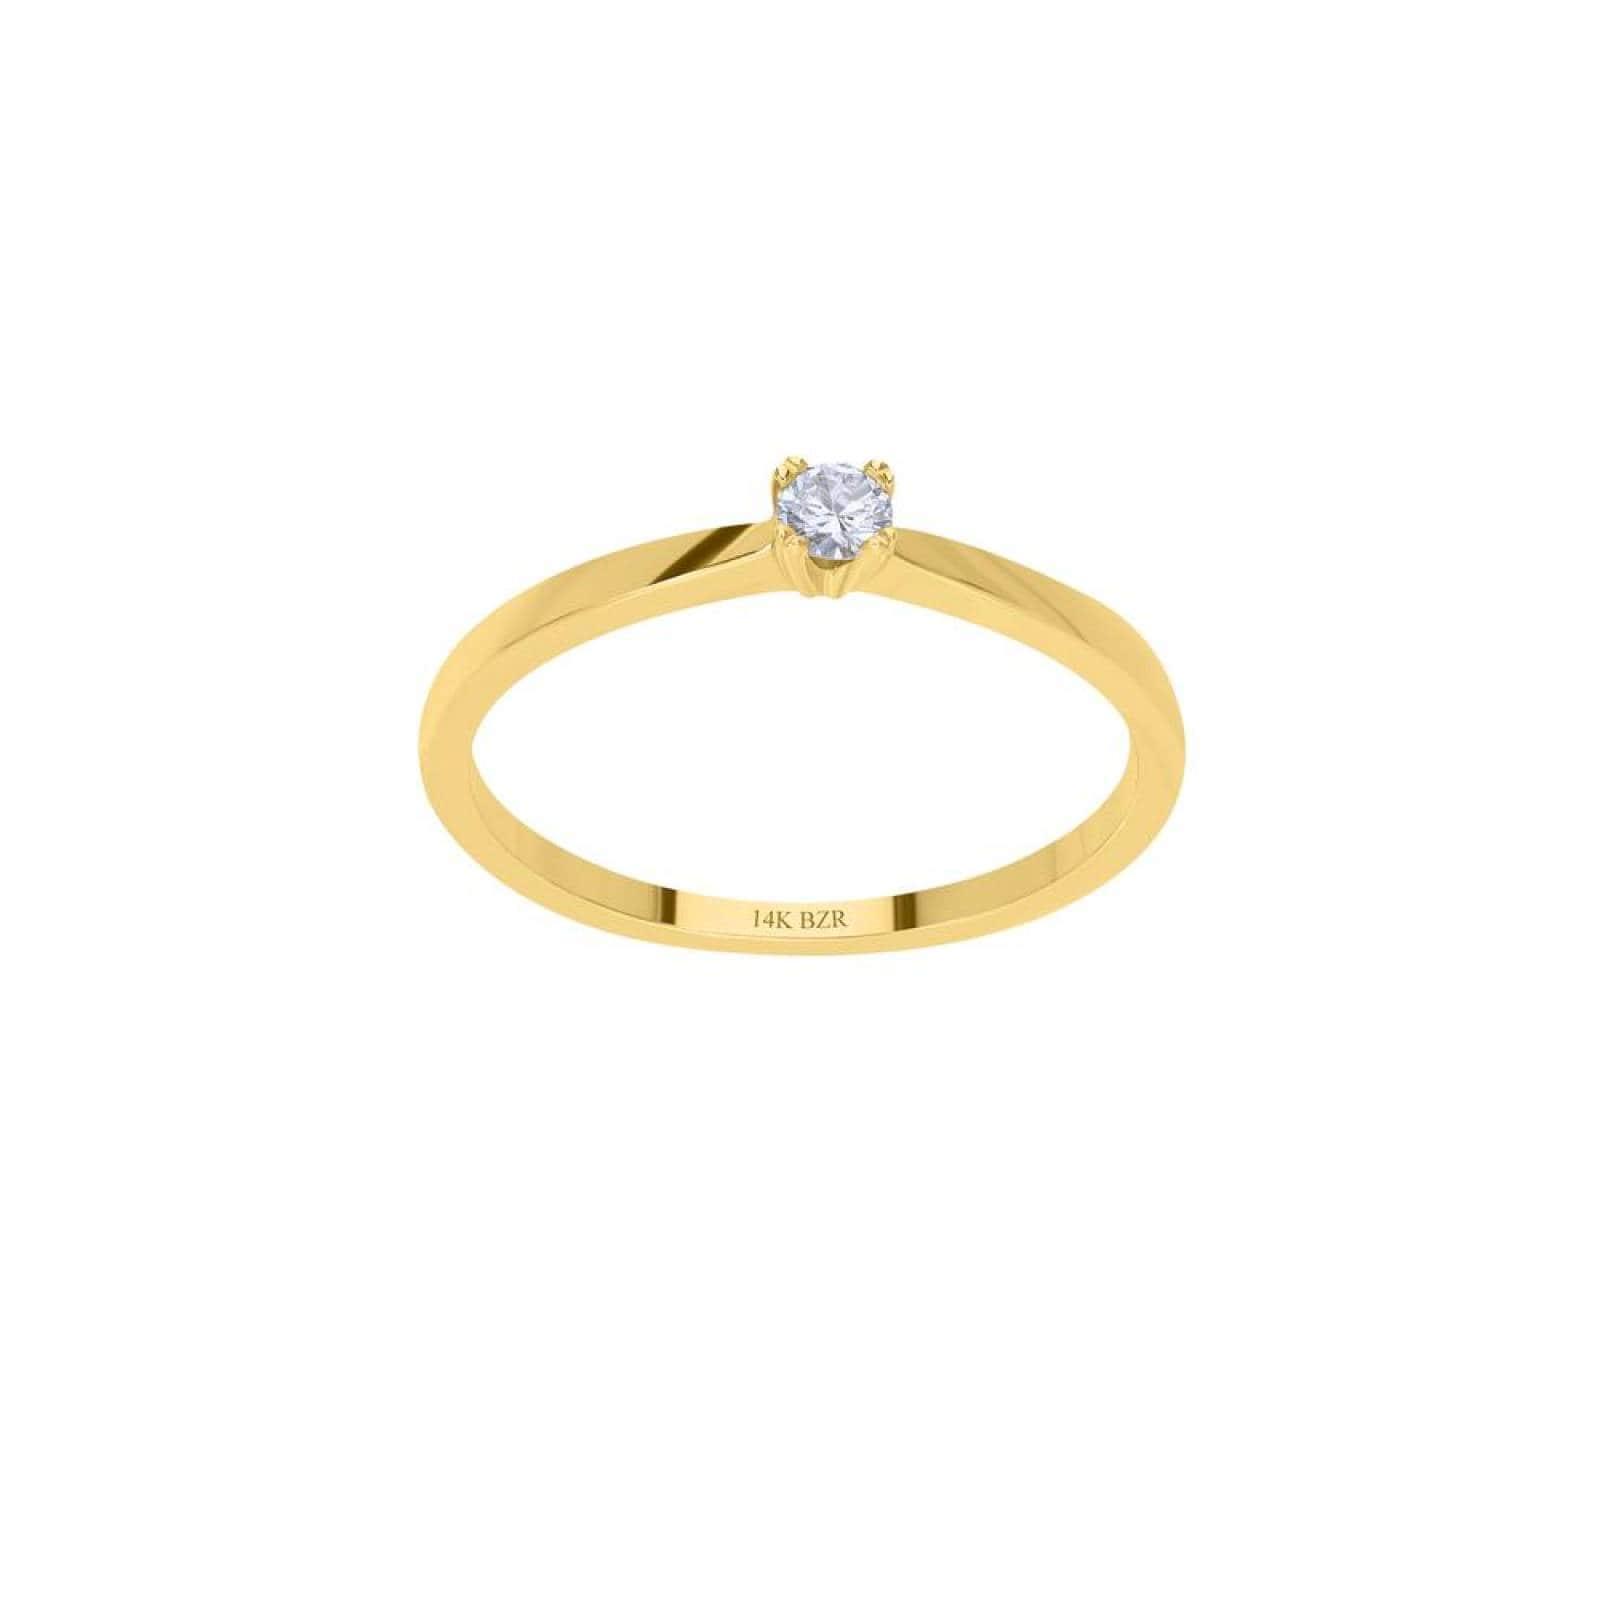 Anillo BIZZARRO Solitario Oro Amarillo 14K con 10 Pts de Diamante